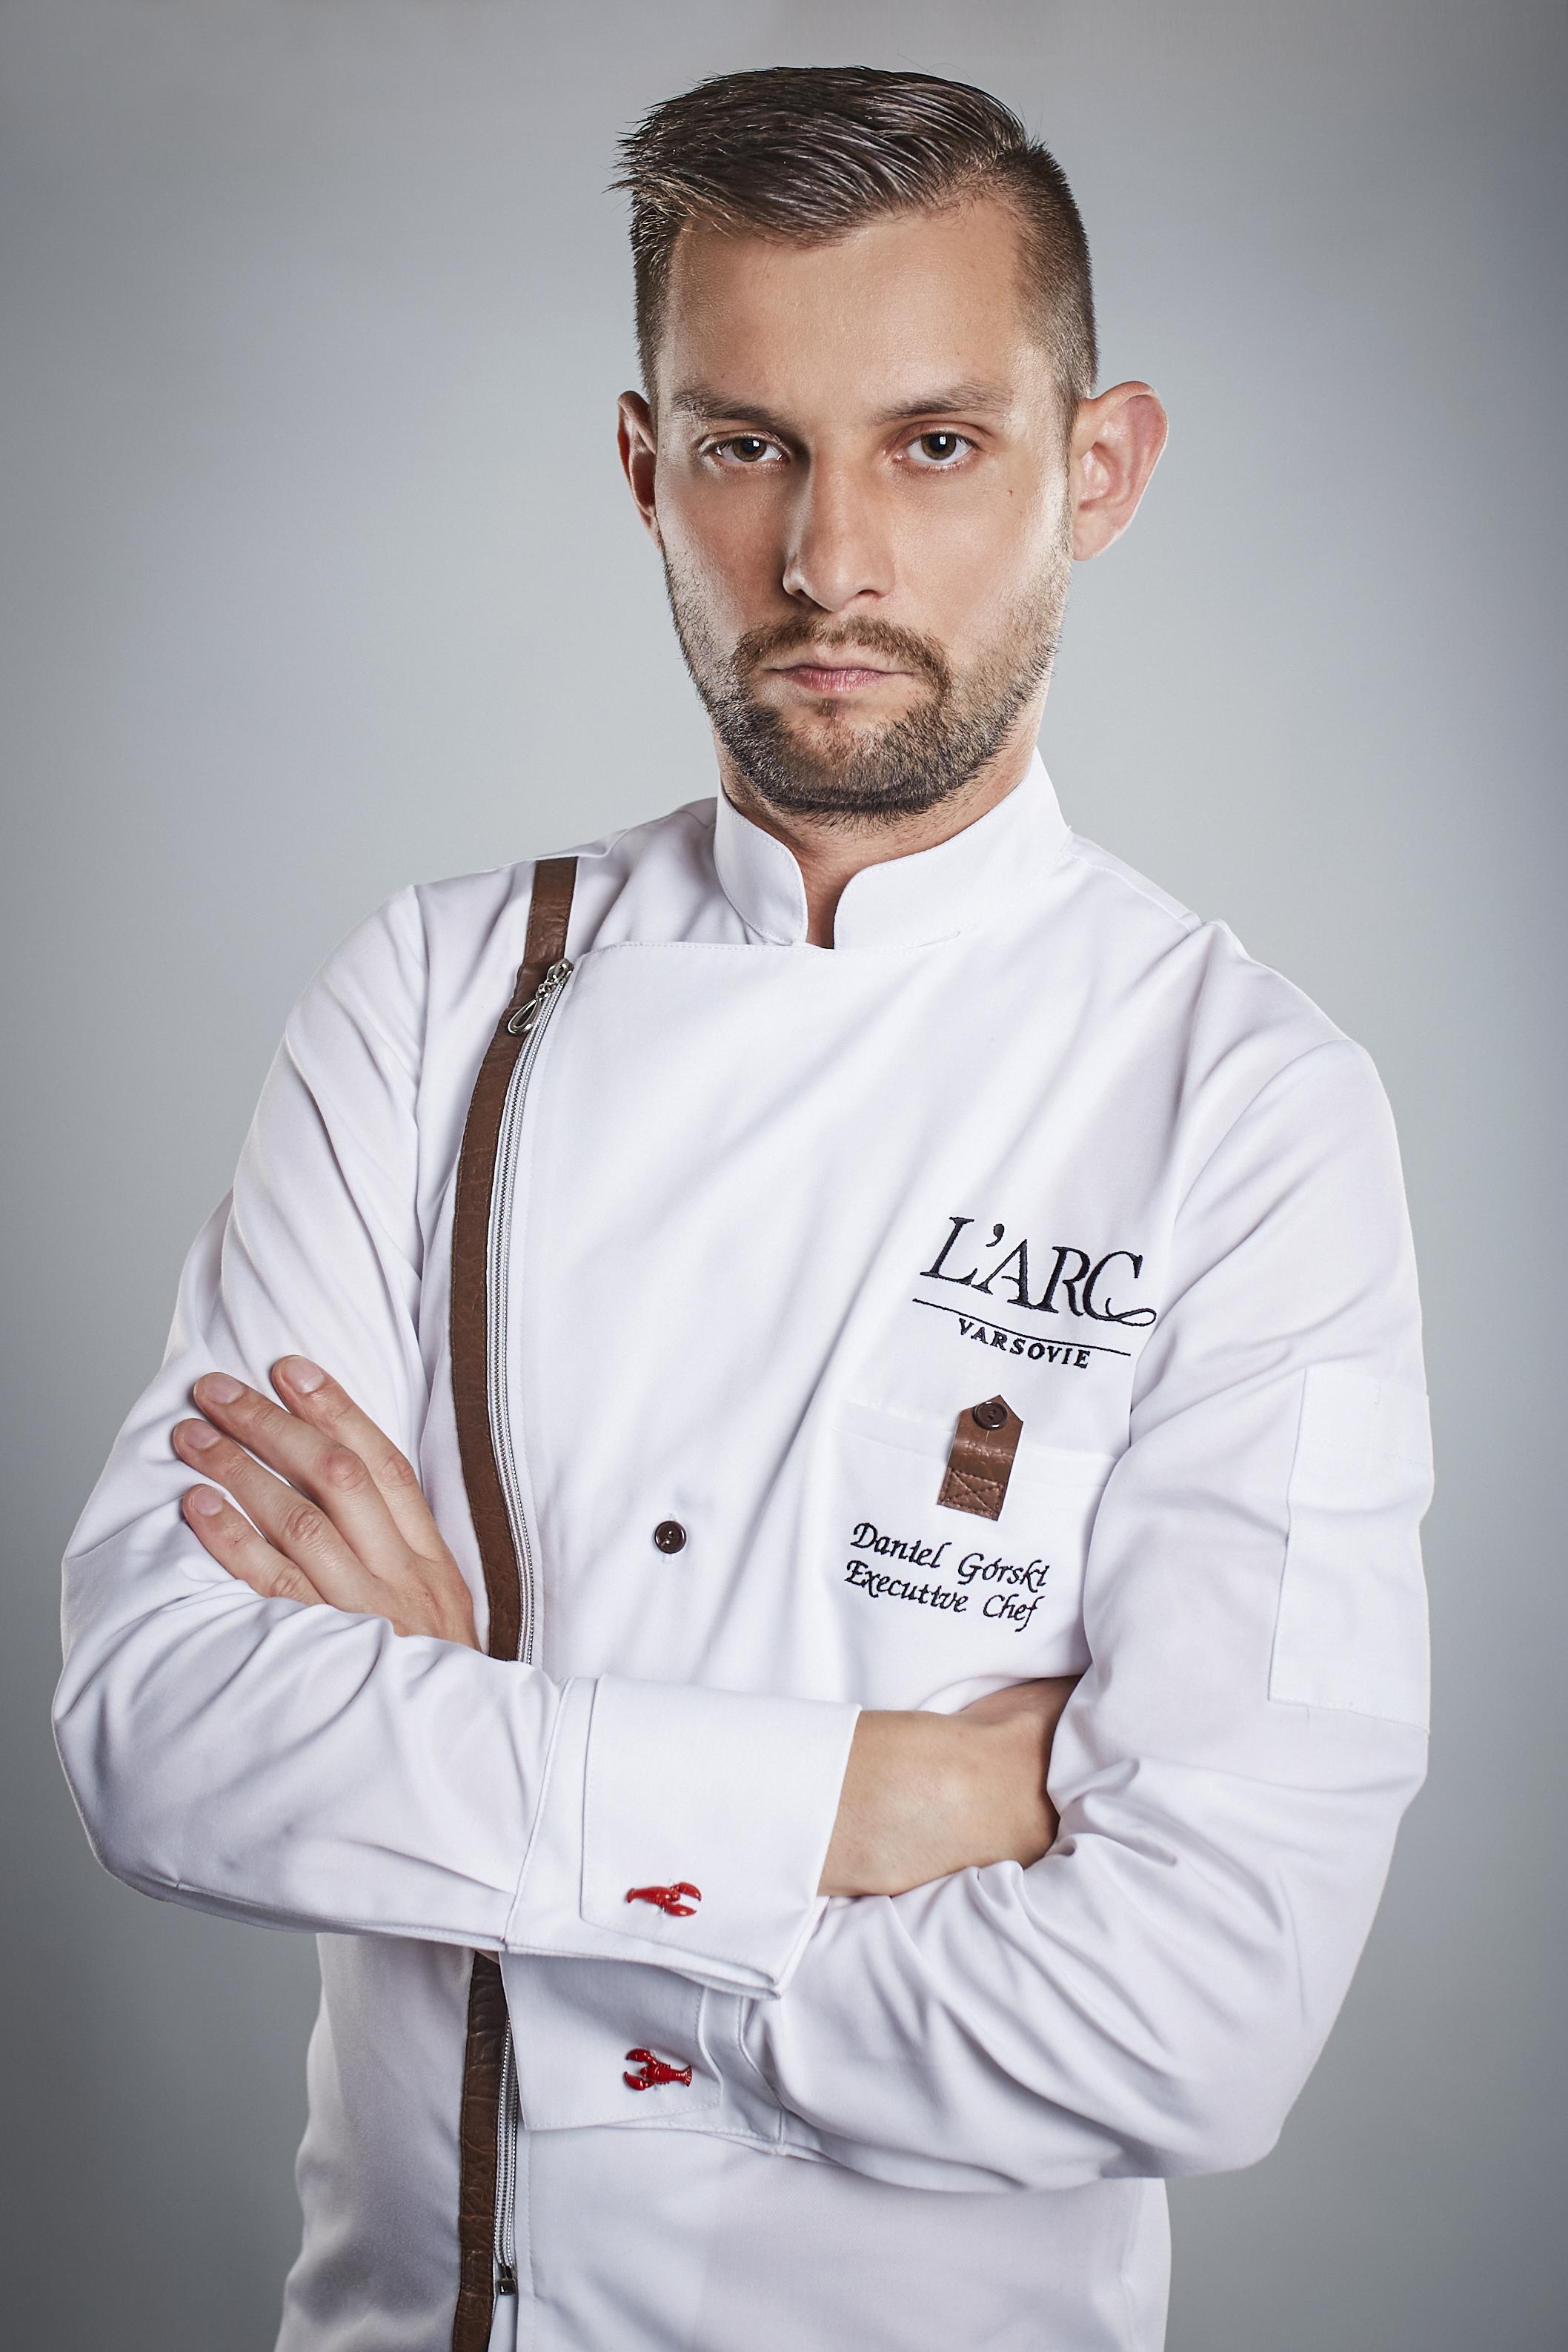 Daniel Górski